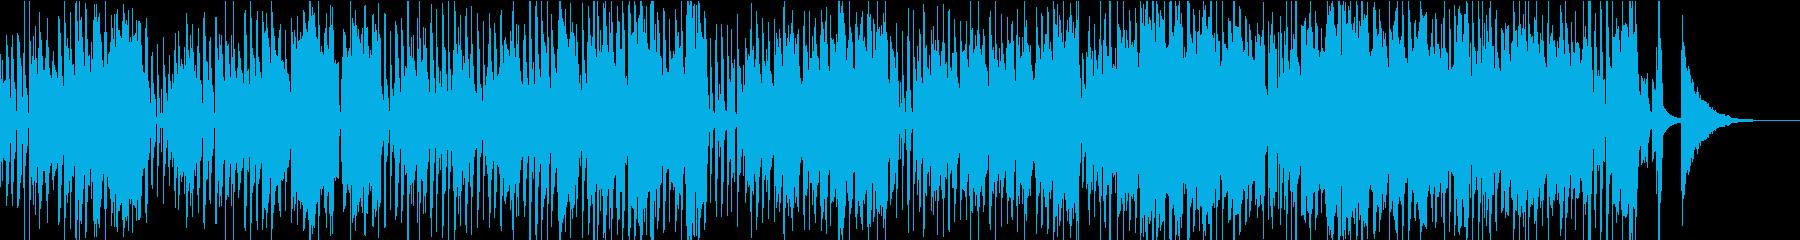 楽しげなアコースティックポップの再生済みの波形